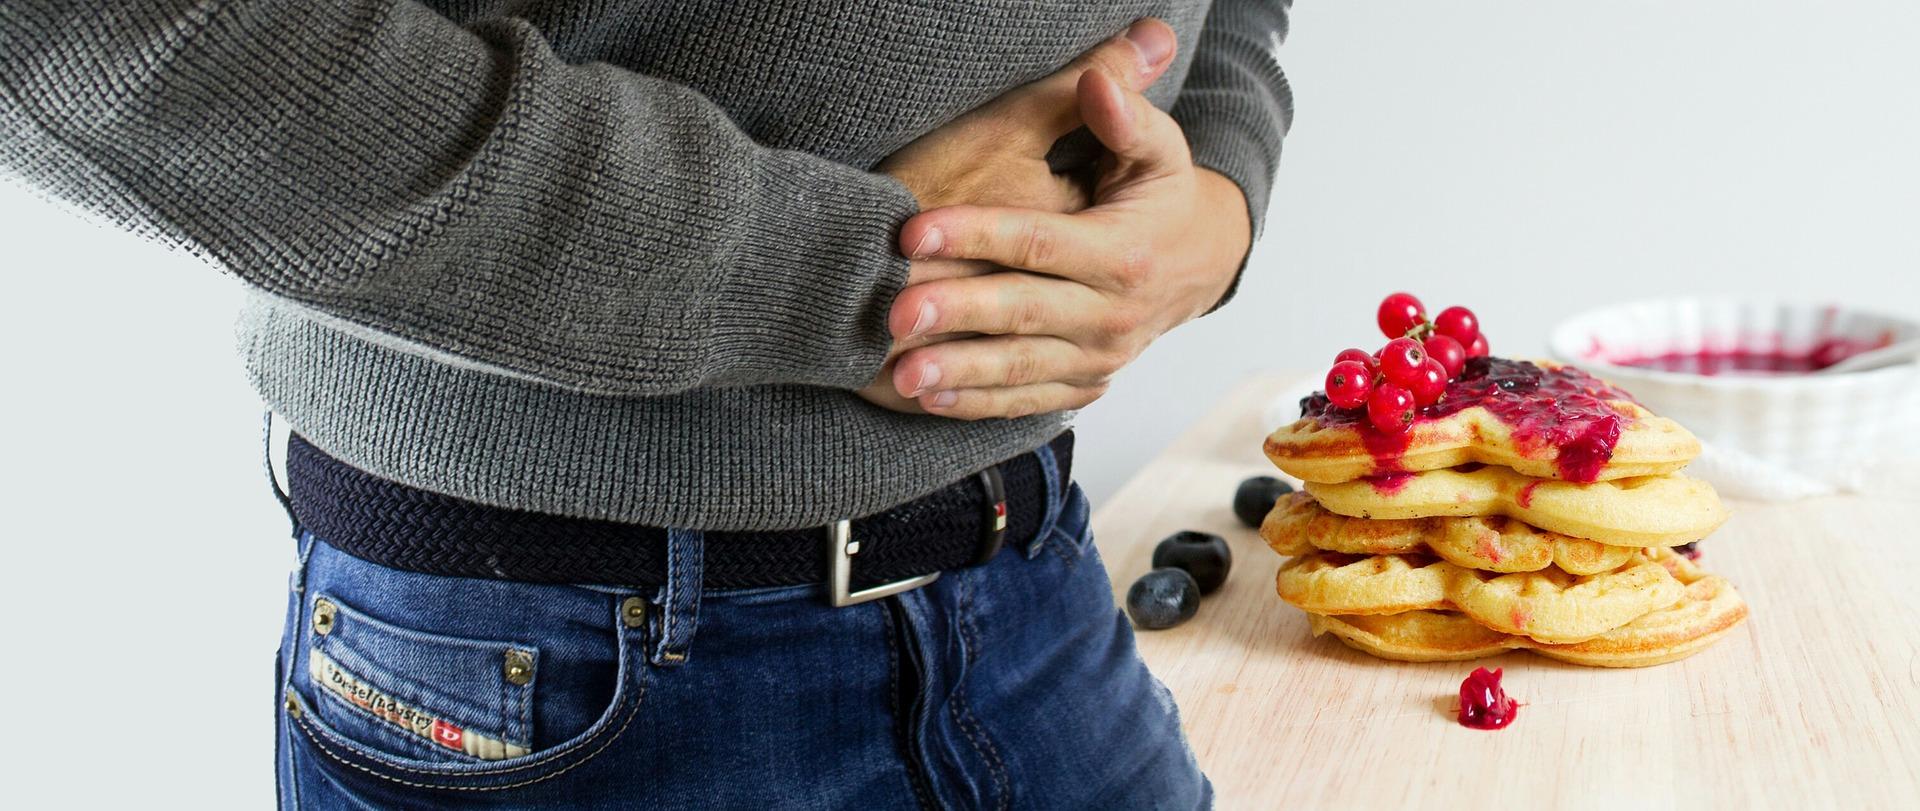 Dieta bez laktozy – wszystko co powinieneś o niej wiedzieć